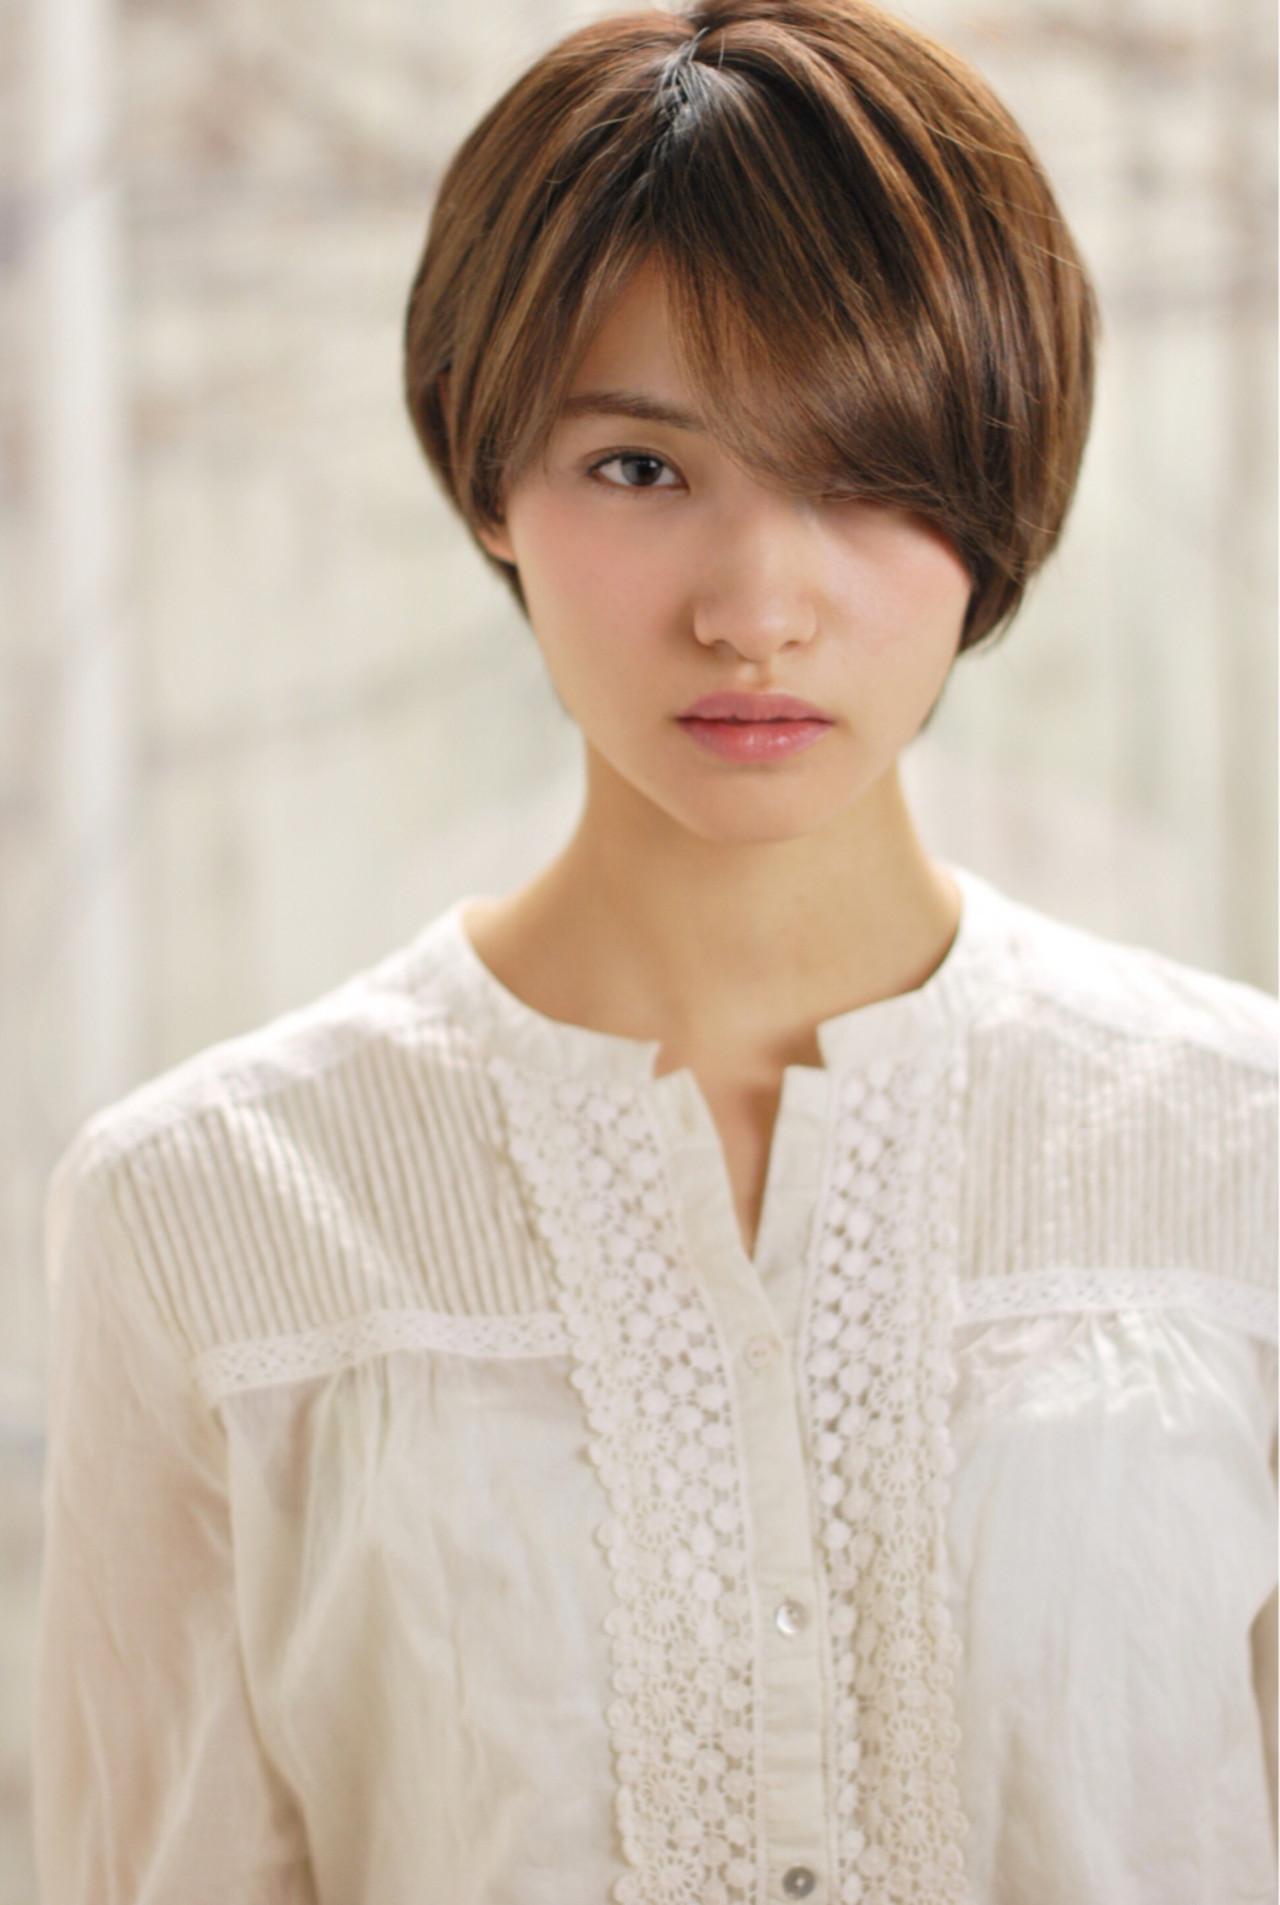 清楚な大人女性のためのストレートショートヘア☆ 千田 営司